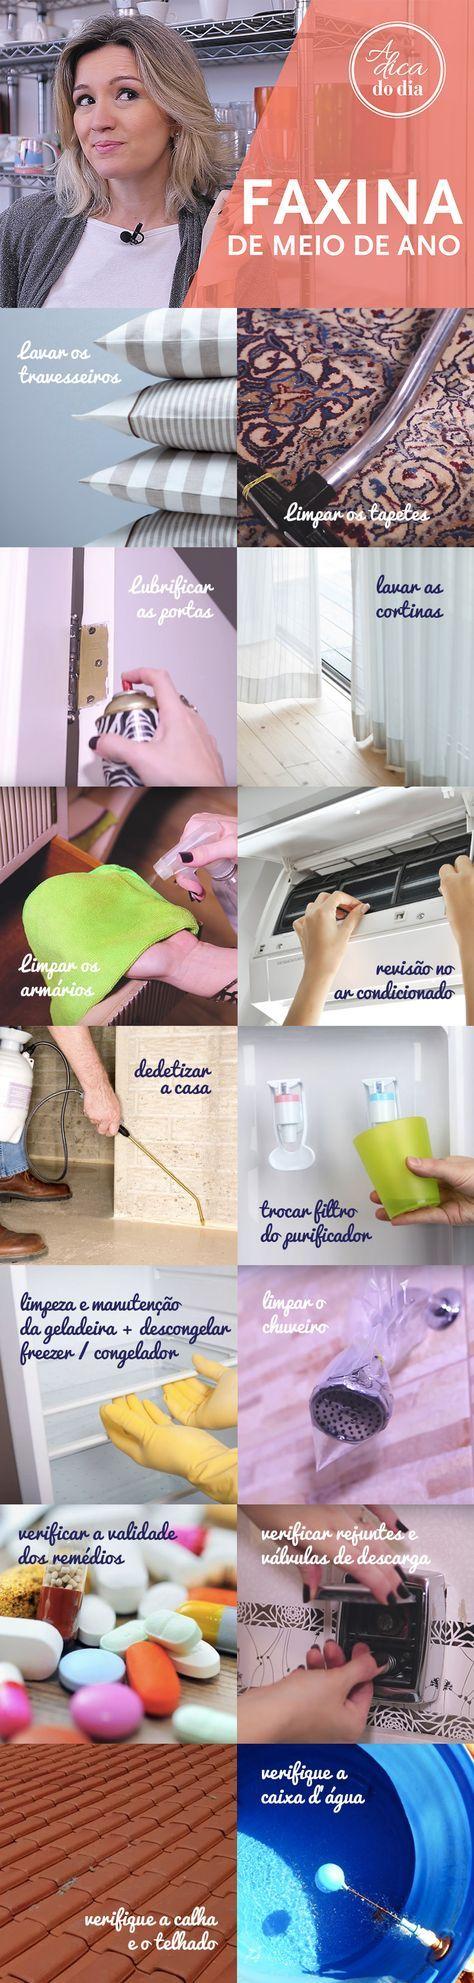 Calendário da limpeza doméstica: Faxina de meio de ano para sua casa! 15 tarefas que devem ser feitas no meio do ano para que sua casa fique sempre em ordem. Siga o passo a passo e faxine sua casa para receber o segundo semestre de forma fácil e prática. Confira #aDicadoDia